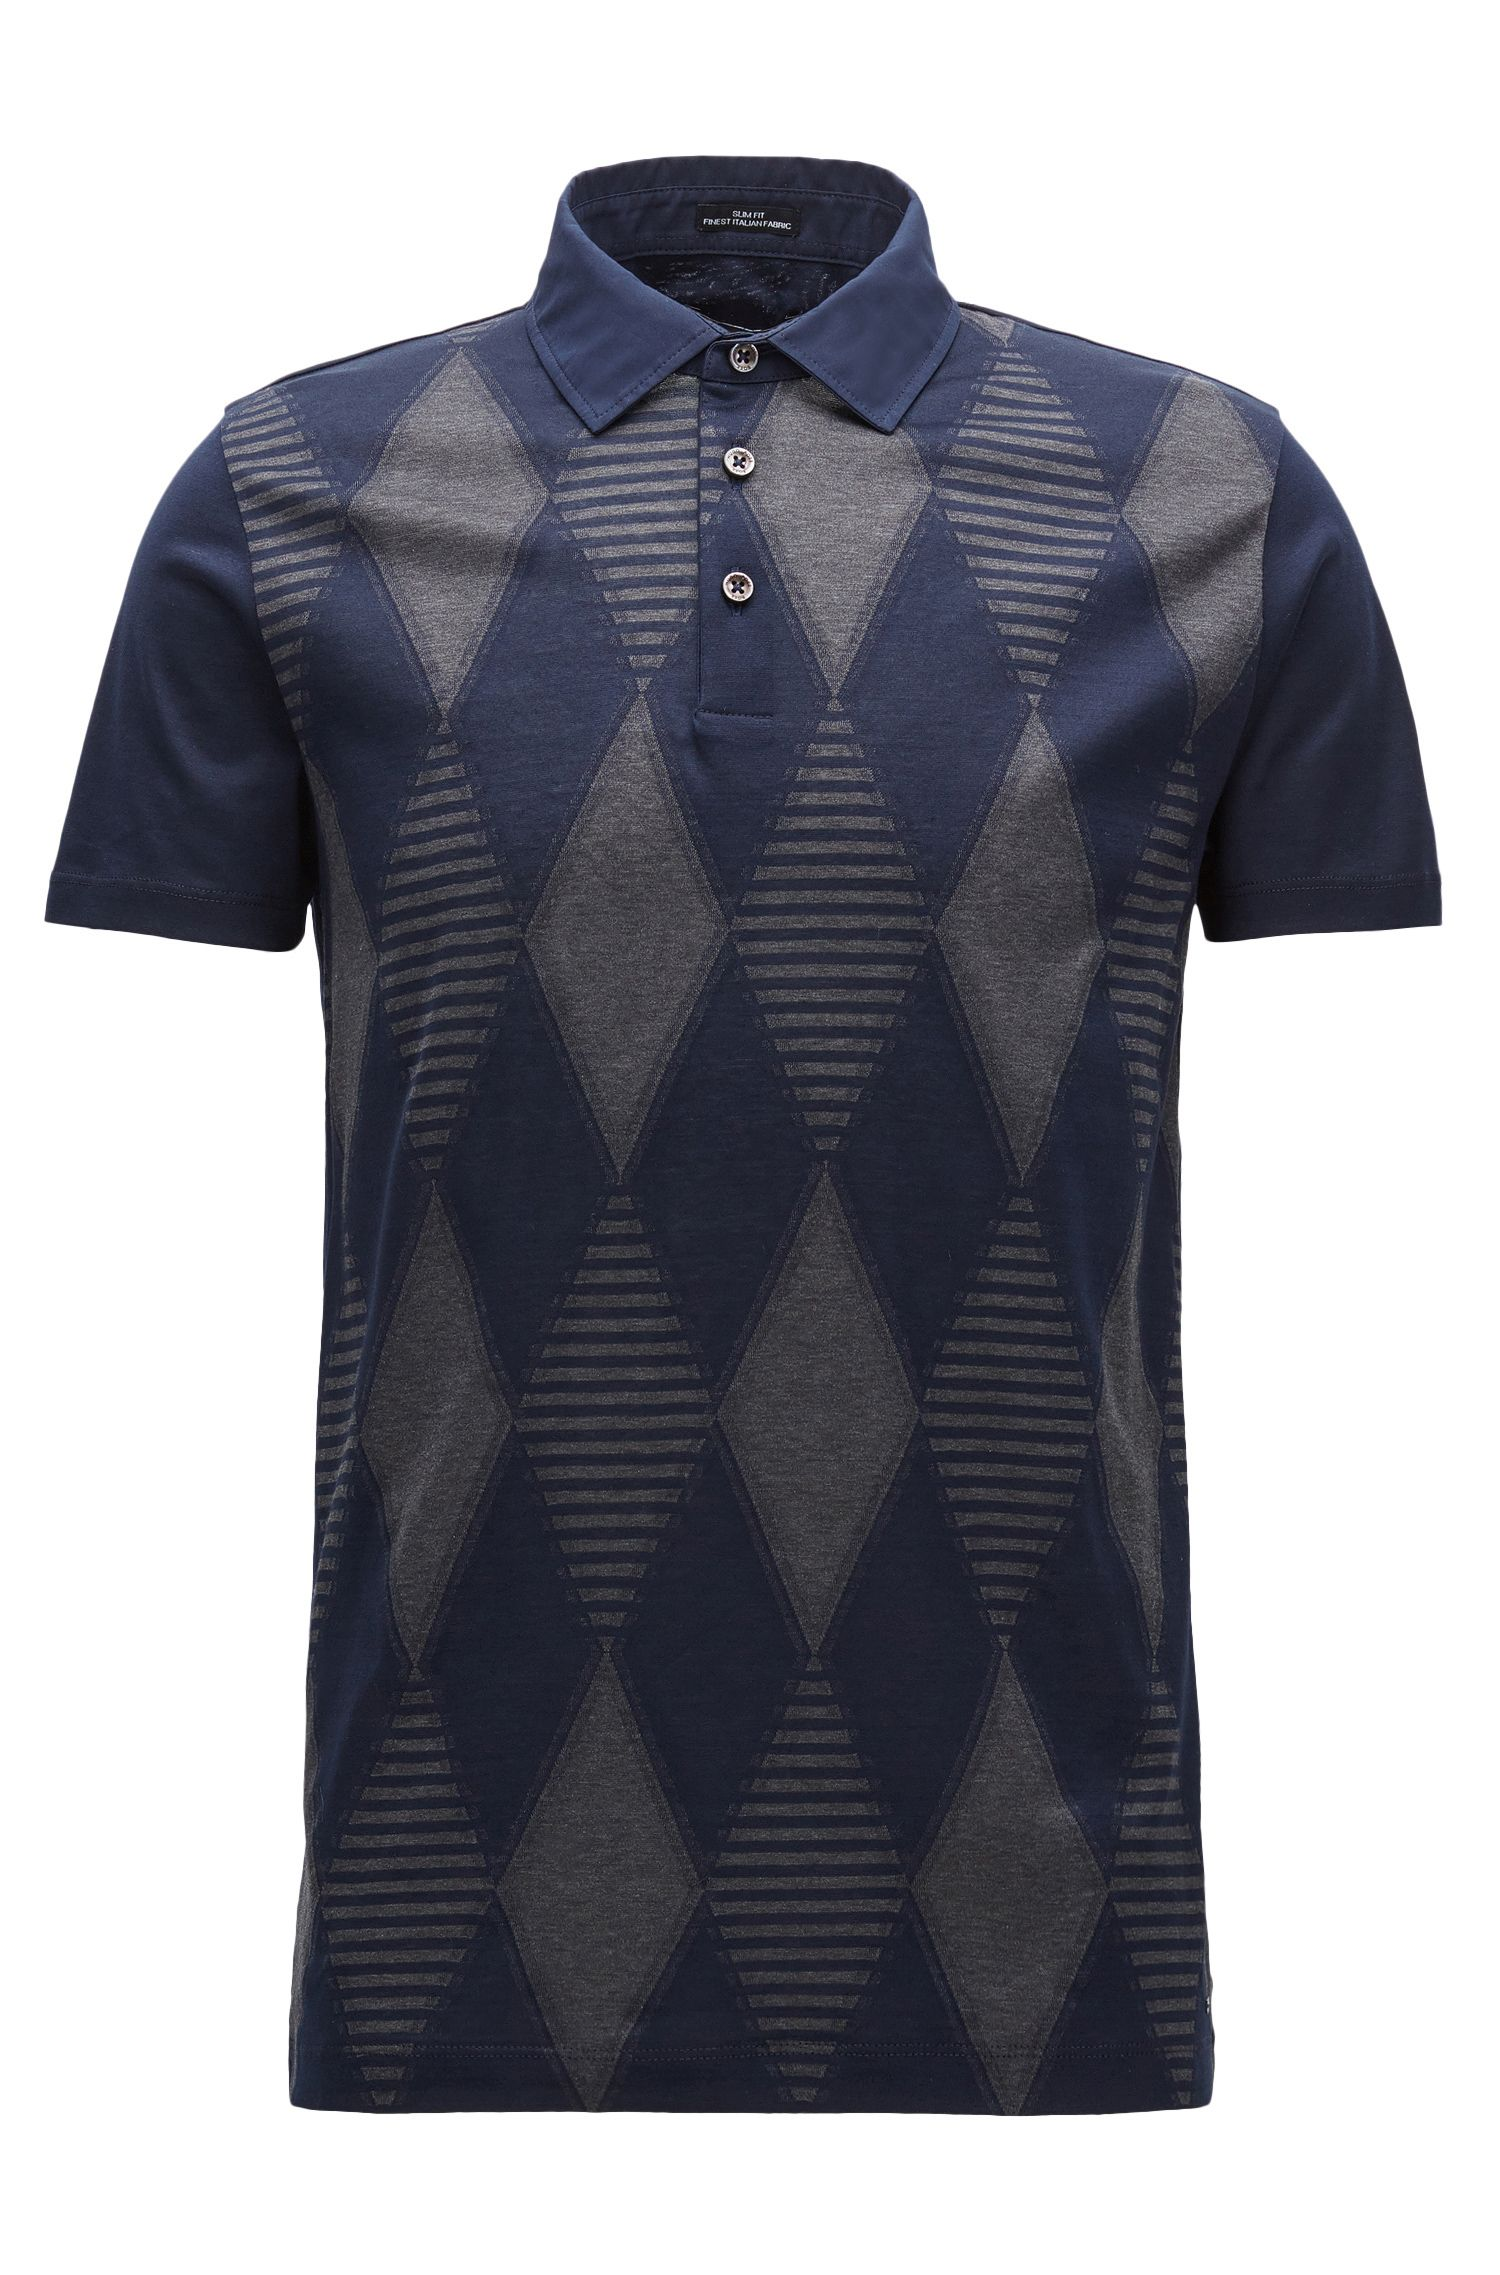 Argyle fil coupé slim-fit cotton T-shirt with polo neck